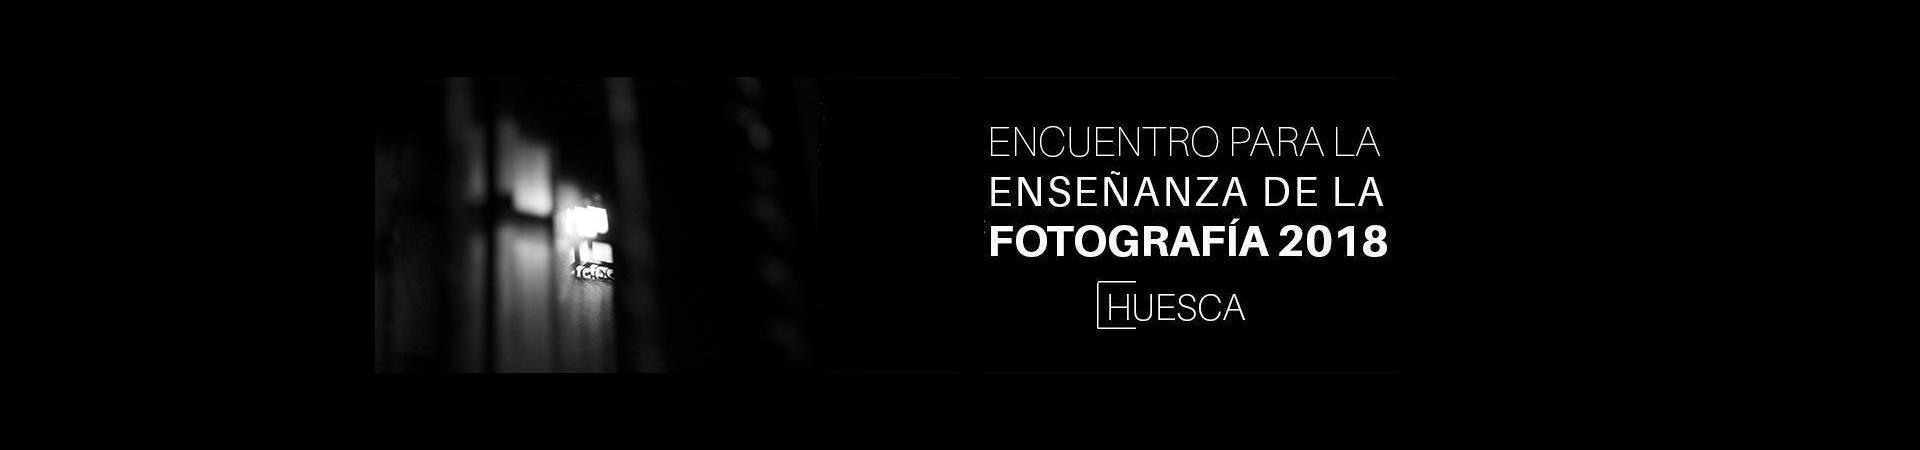 I Encuentro para la Enseñanza de la Fotografía